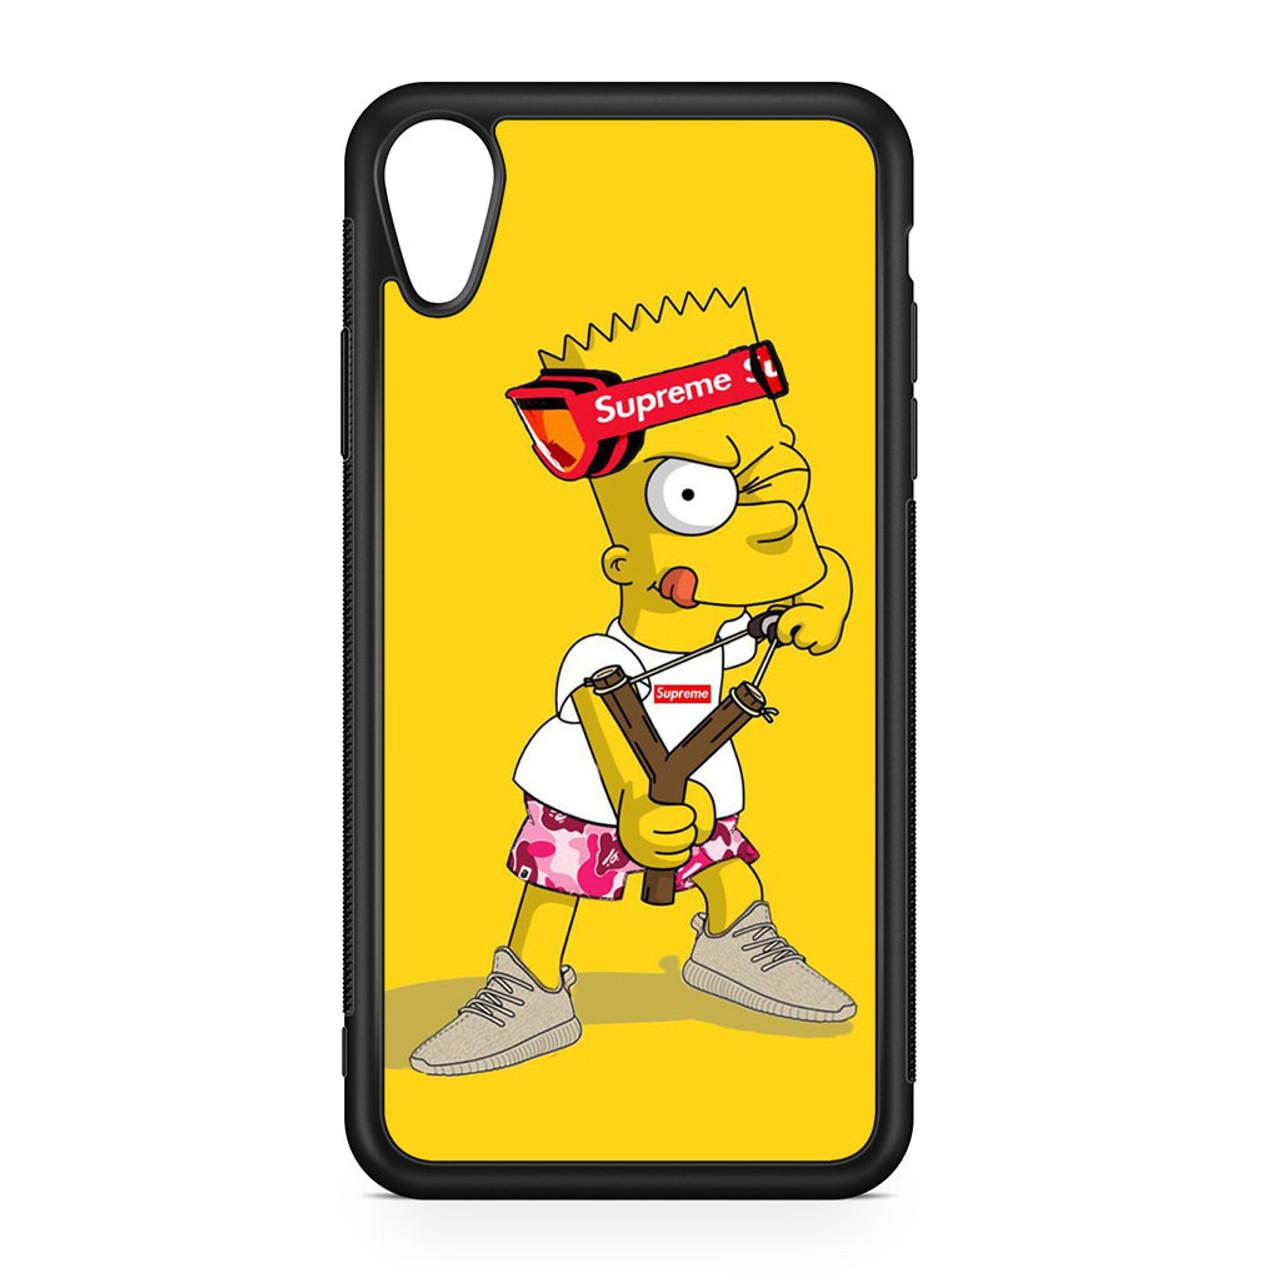 225e240c5452 Explore Bart Simpson Supreme iPhone XR Case - GGIANS